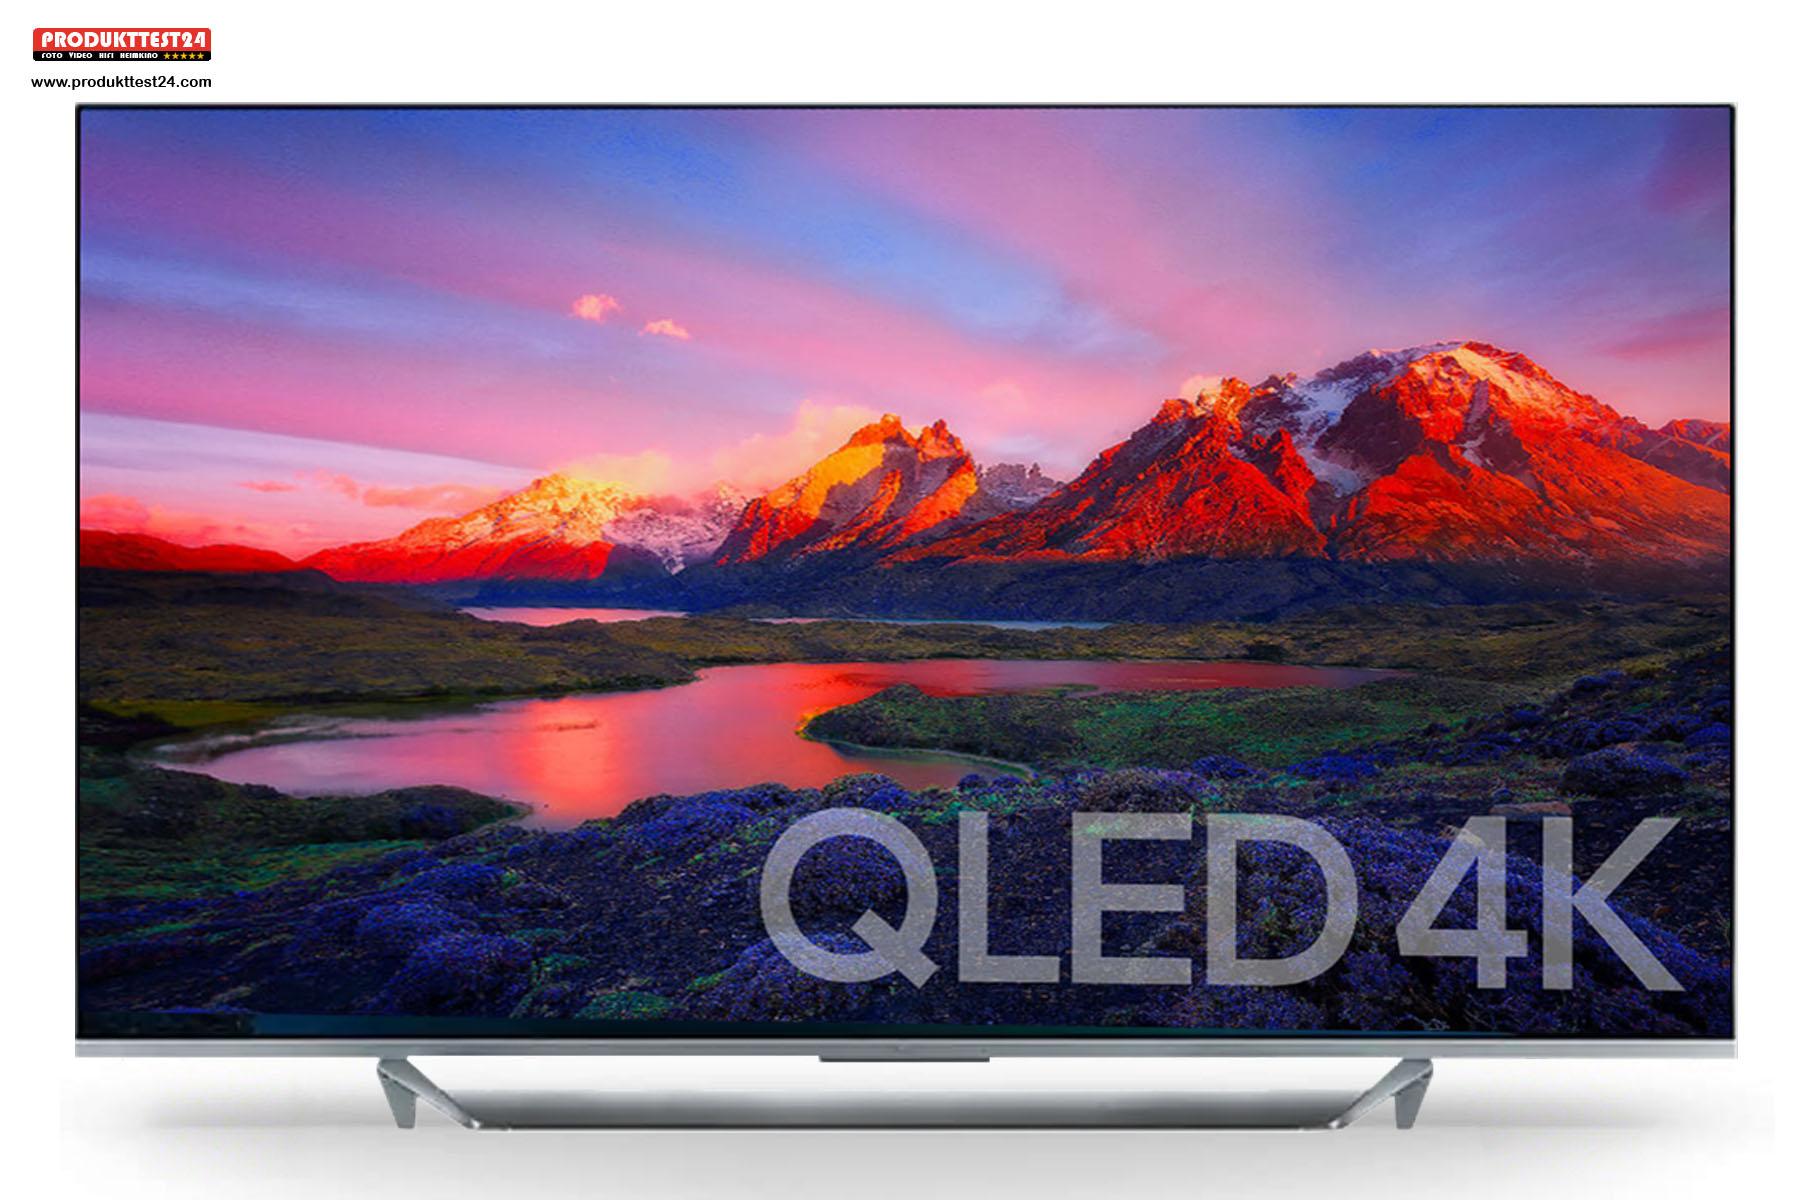 """Der Xiaomi Mi TV Q1 75"""" - Ein preiswerter QLED 4K Fernseher aus China"""